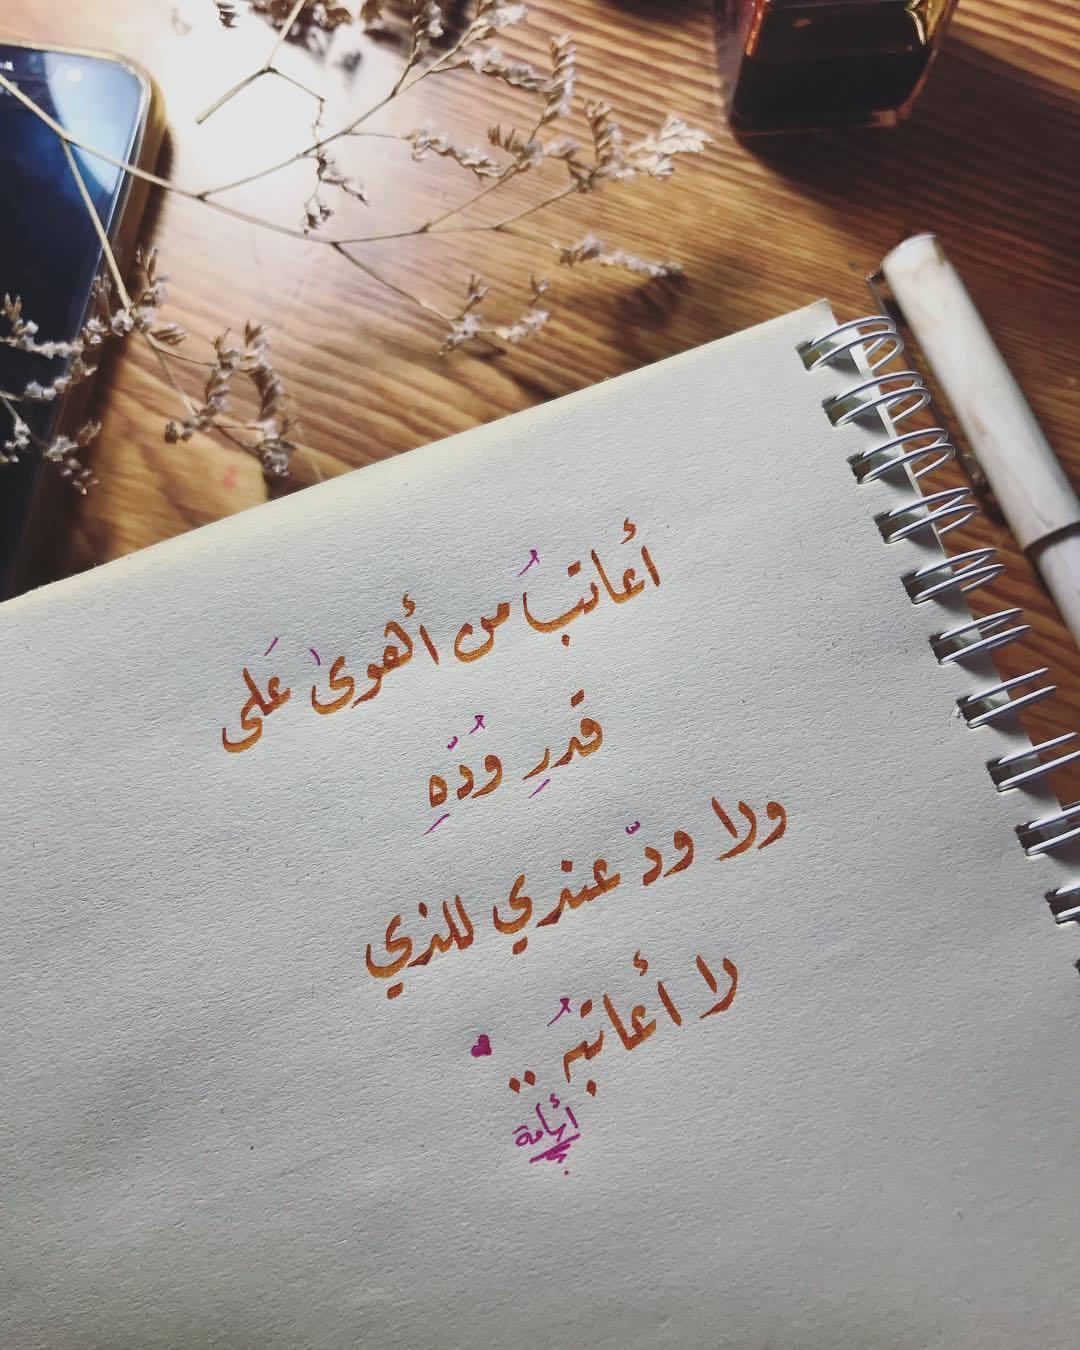 أشعار حب تويتر لحبيبتي أجمل ما كتب الشعراء في الحب